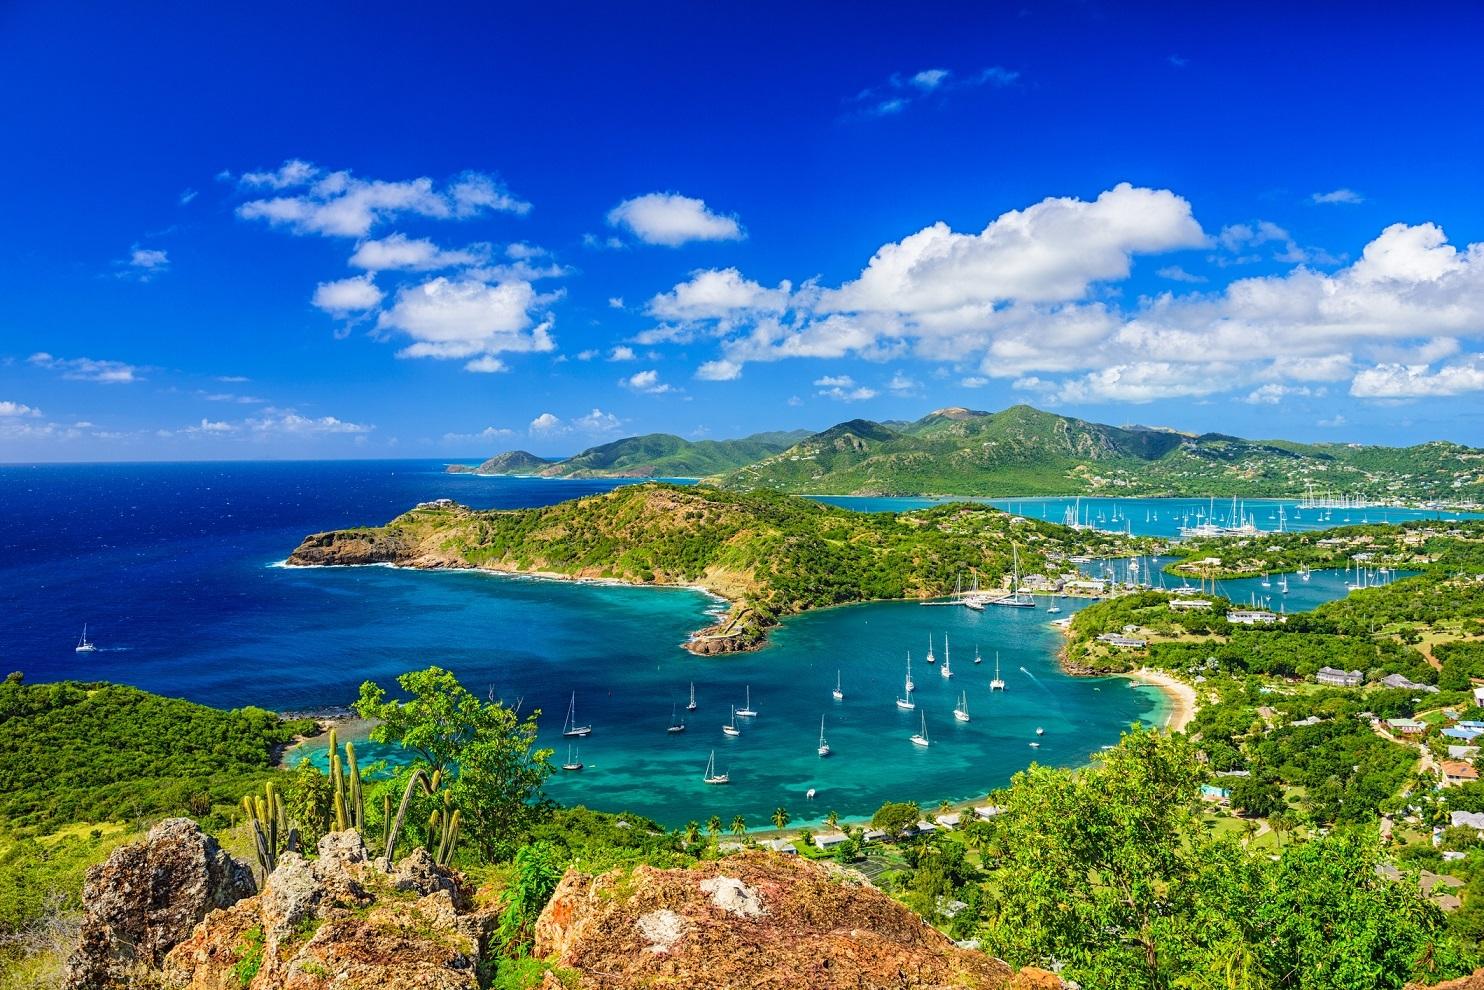 A catamaran on the beach in Antigua